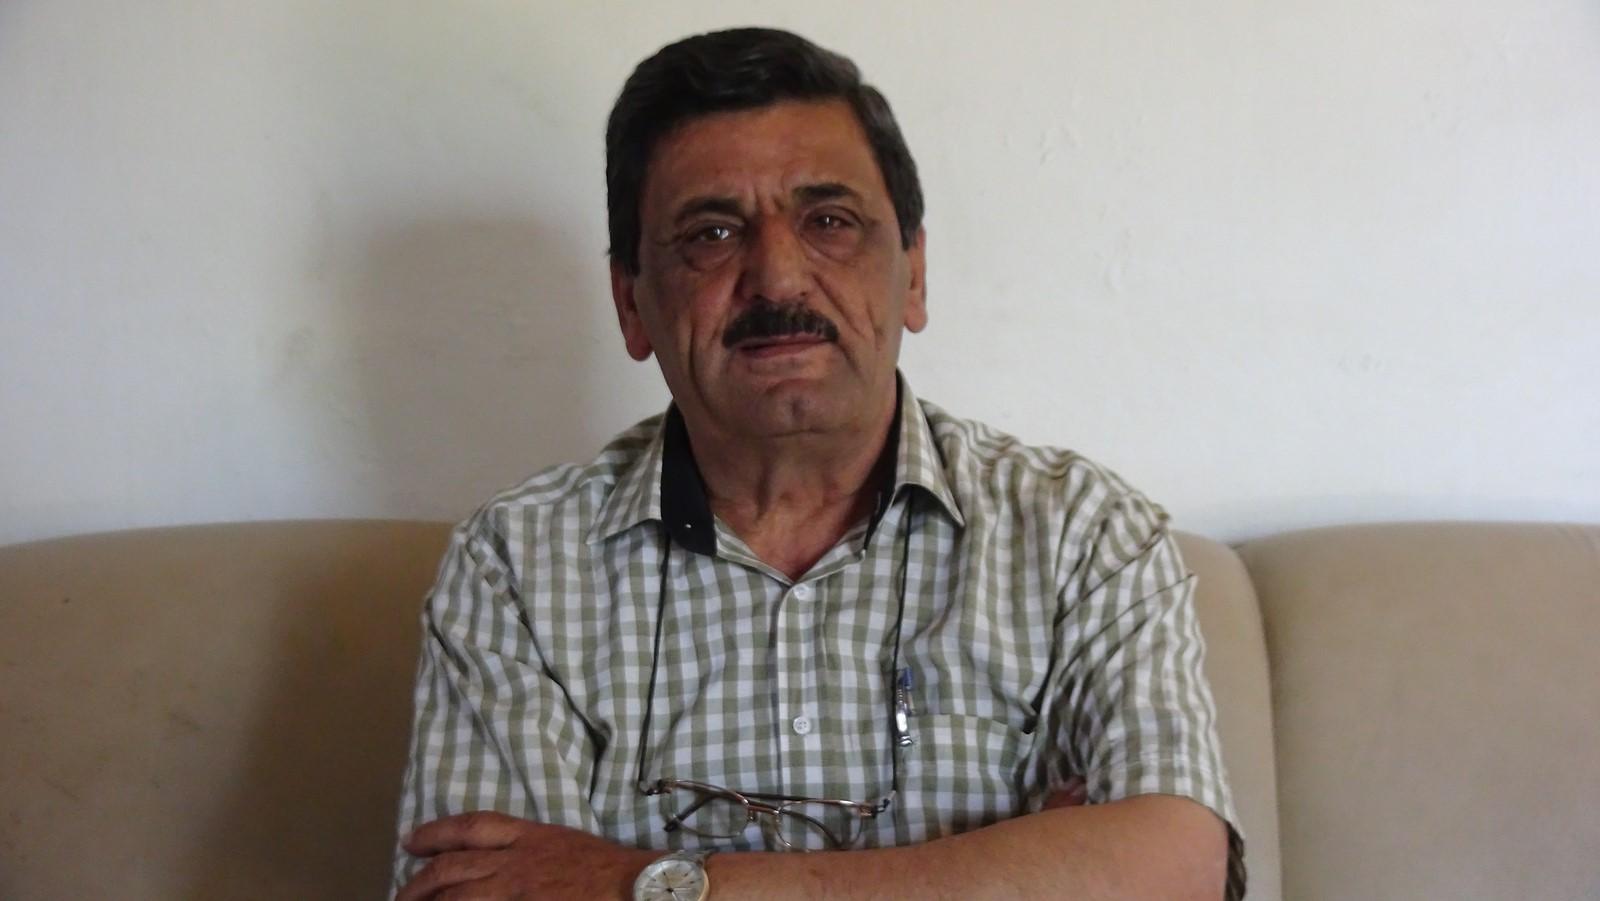 الخالد: الحوار السوري كفيل بإنهاء التدخل الخارجي في الأزمة السورية